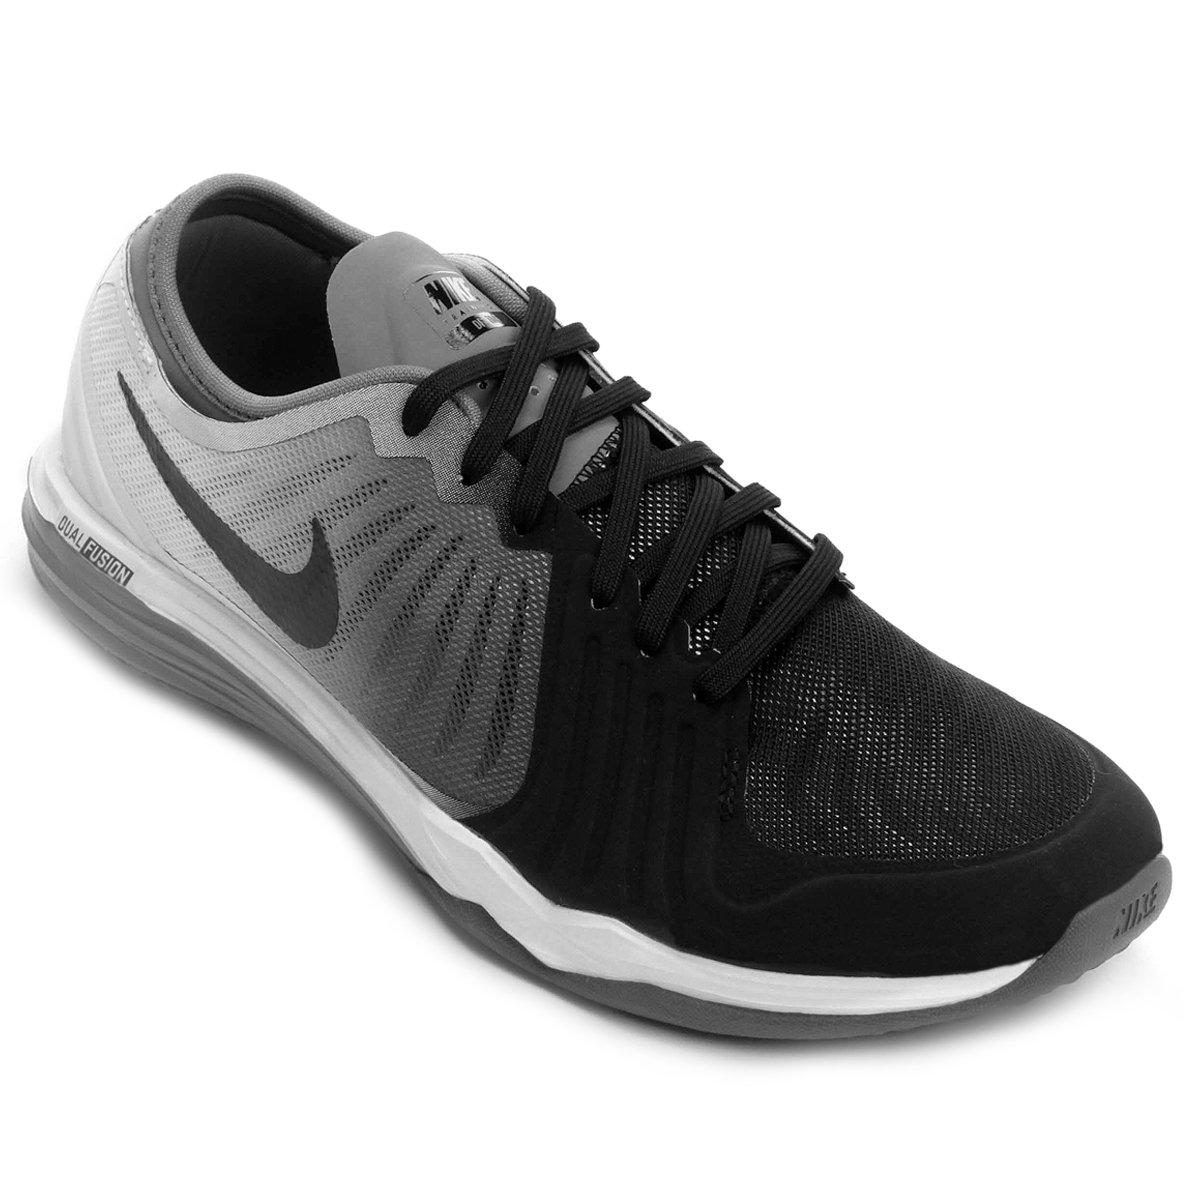 6a4a28e428 Tênis Nike Dual Fusion Tr 4 Print Feminino - Compre Agora